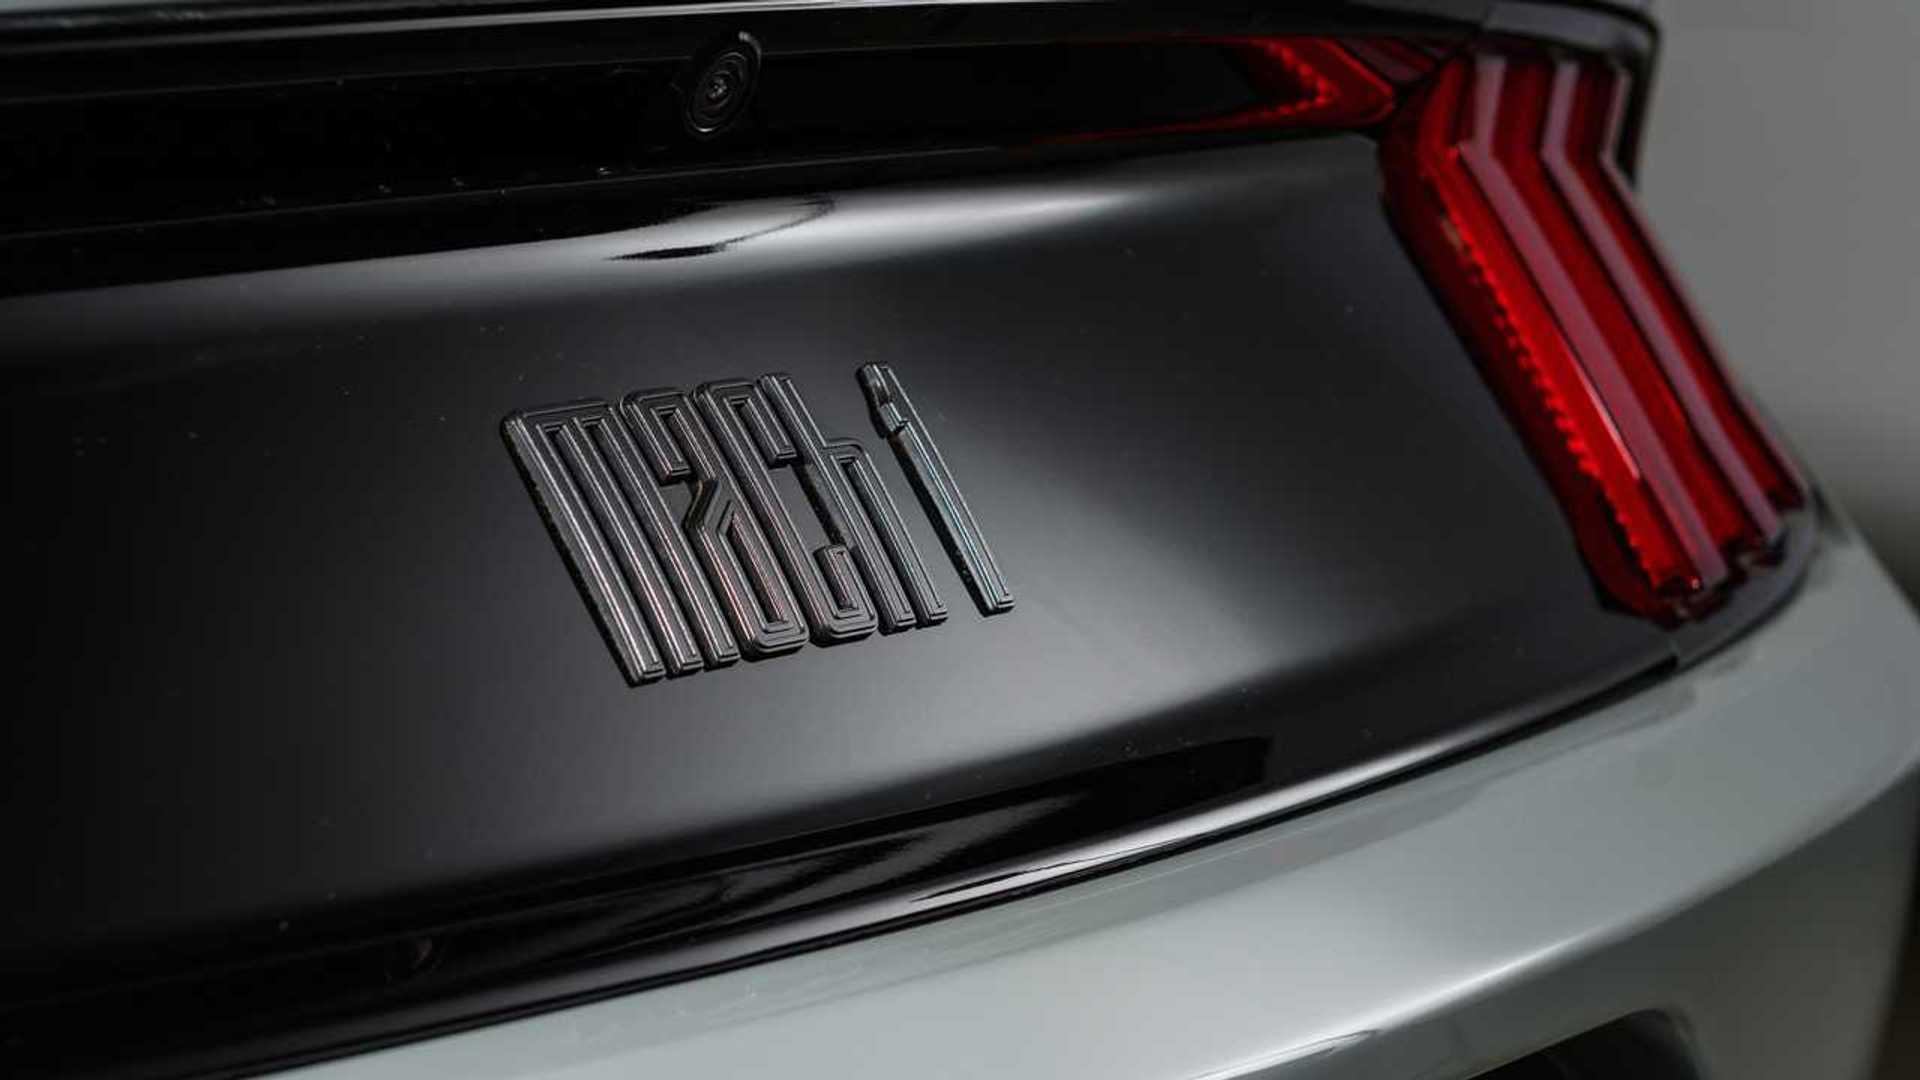 Descubre el nuevo logotipo del Ford Mustang Mach 1 2021